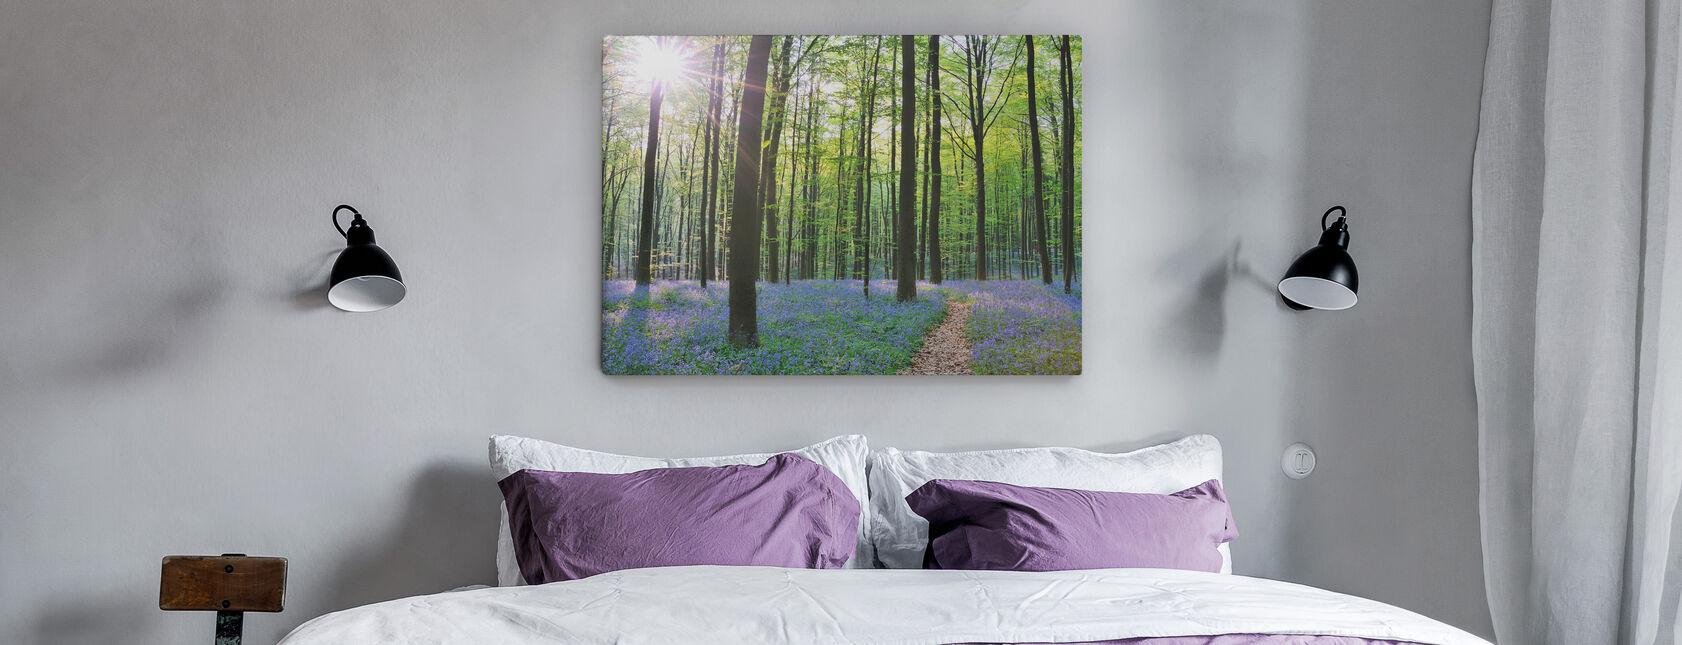 Forests & Woodlands